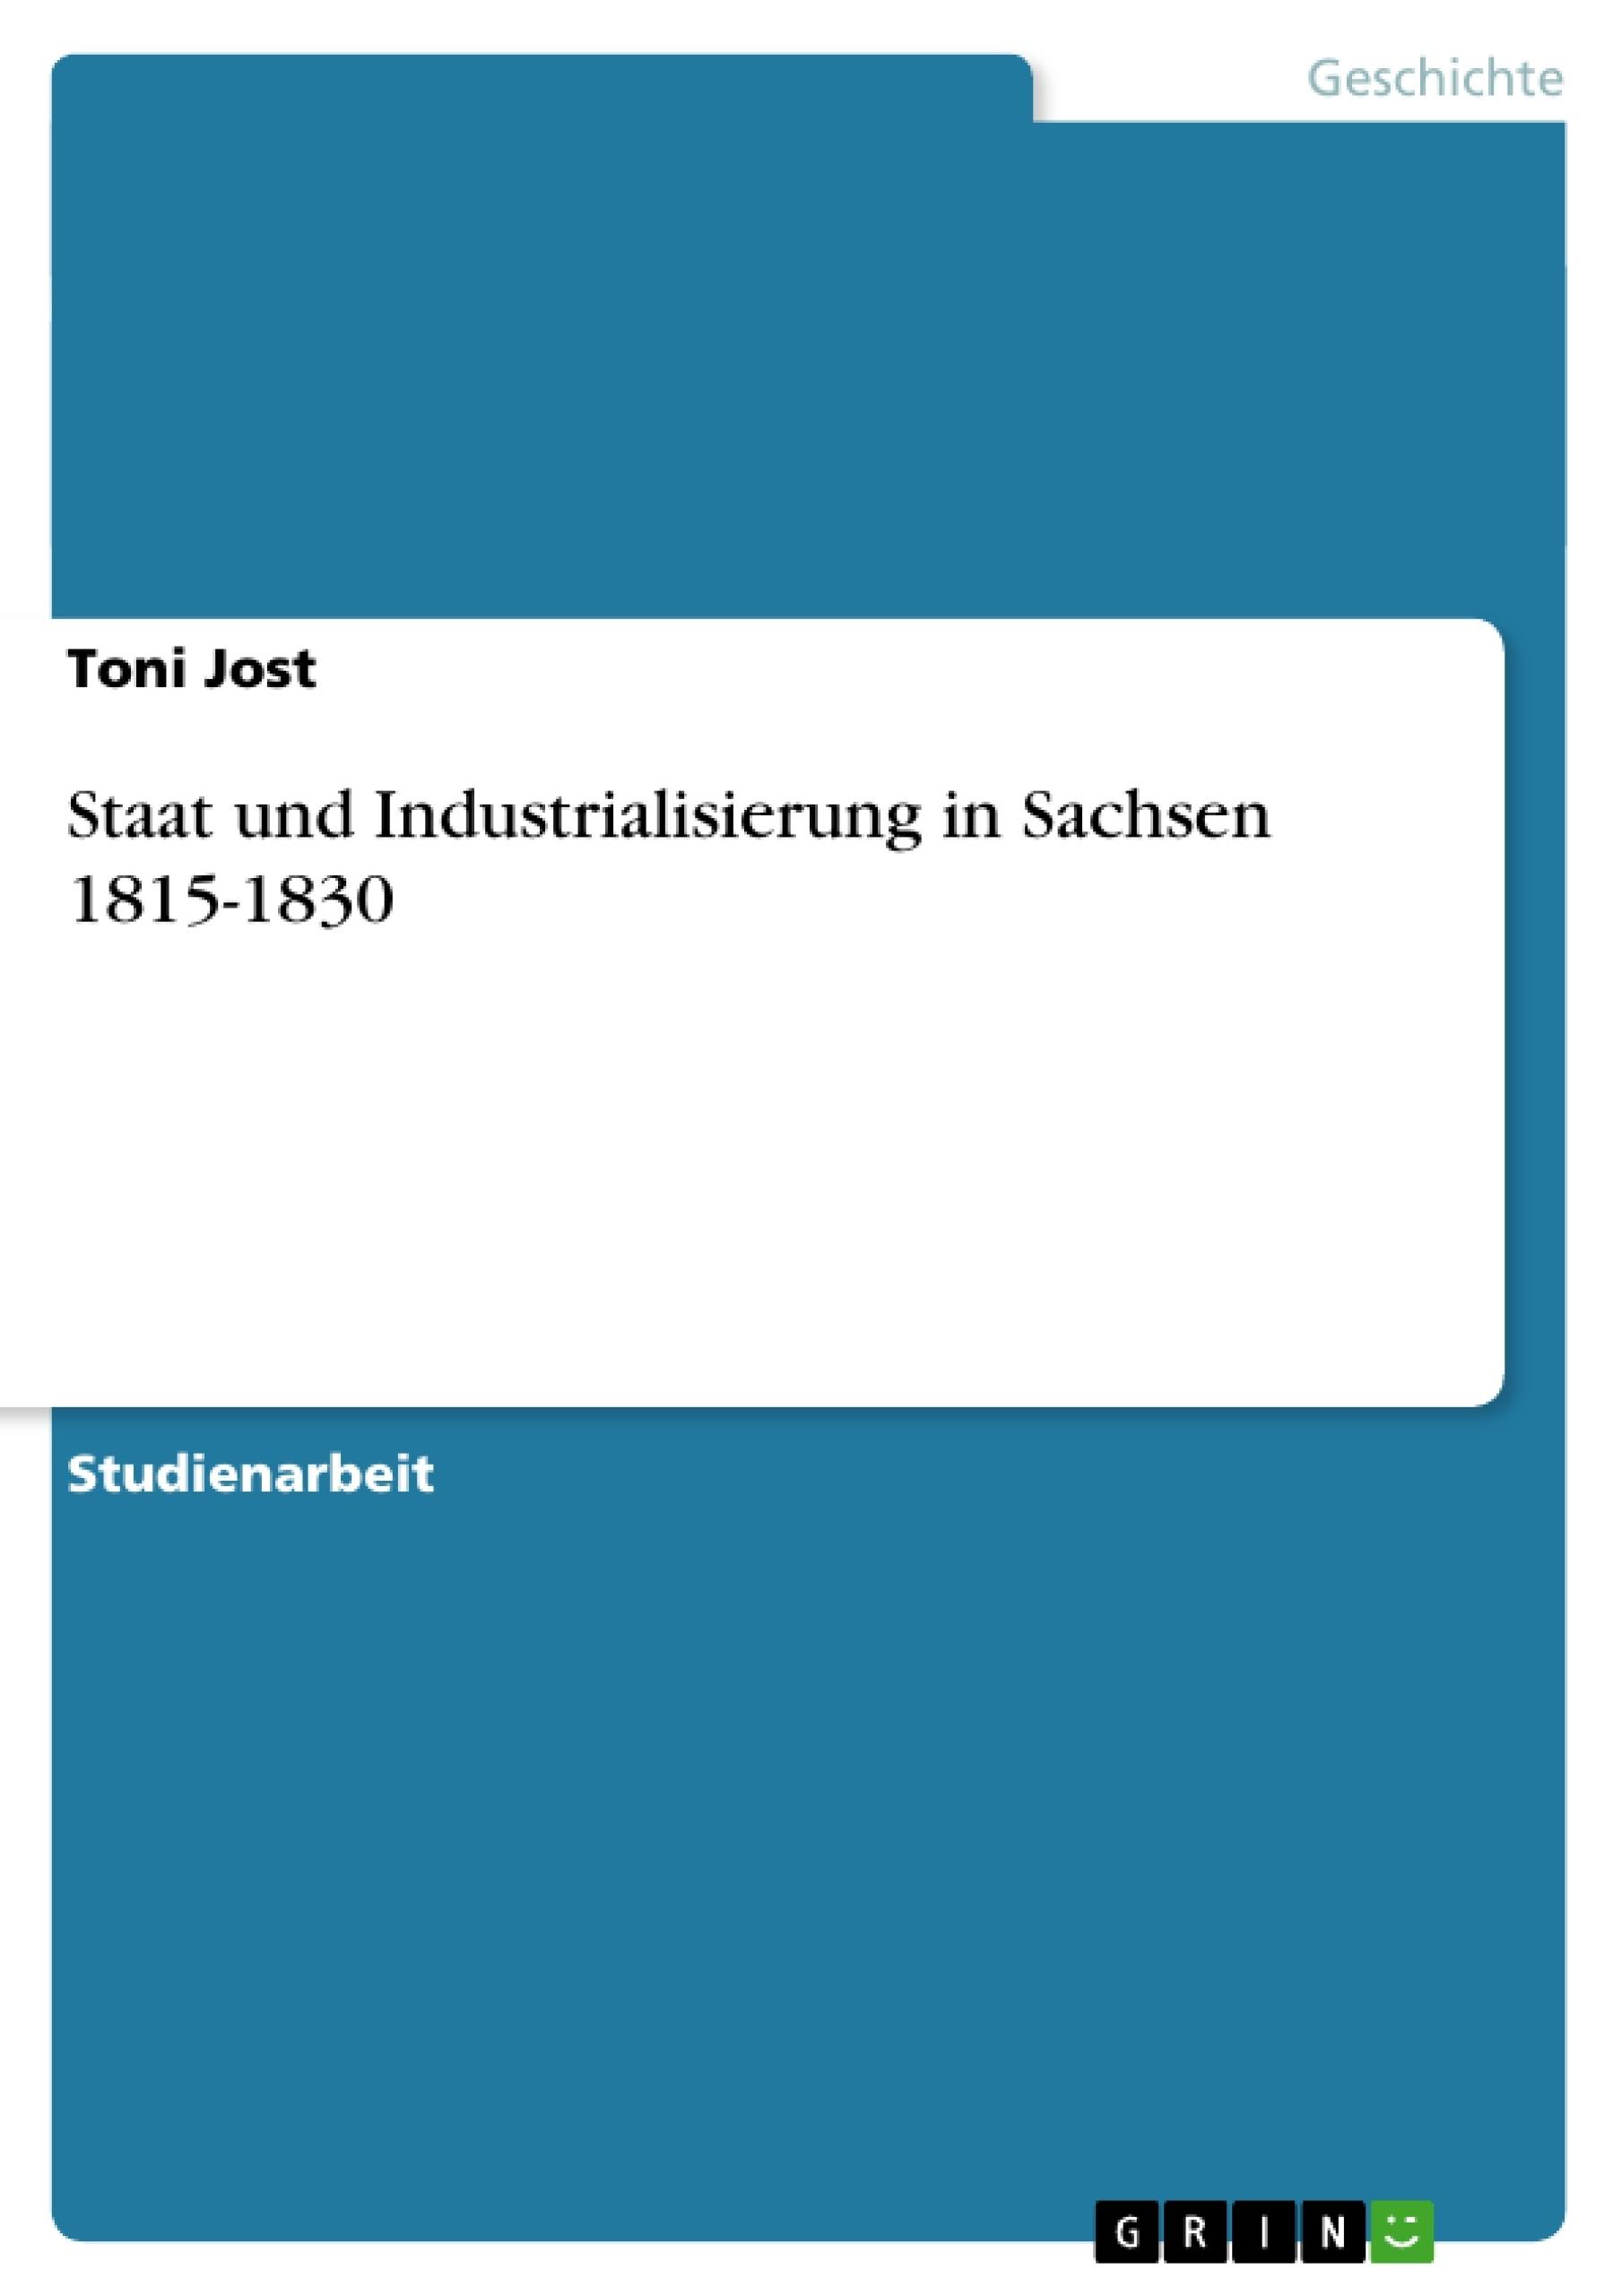 Titel: Staat und Industrialisierung in Sachsen 1815-1830